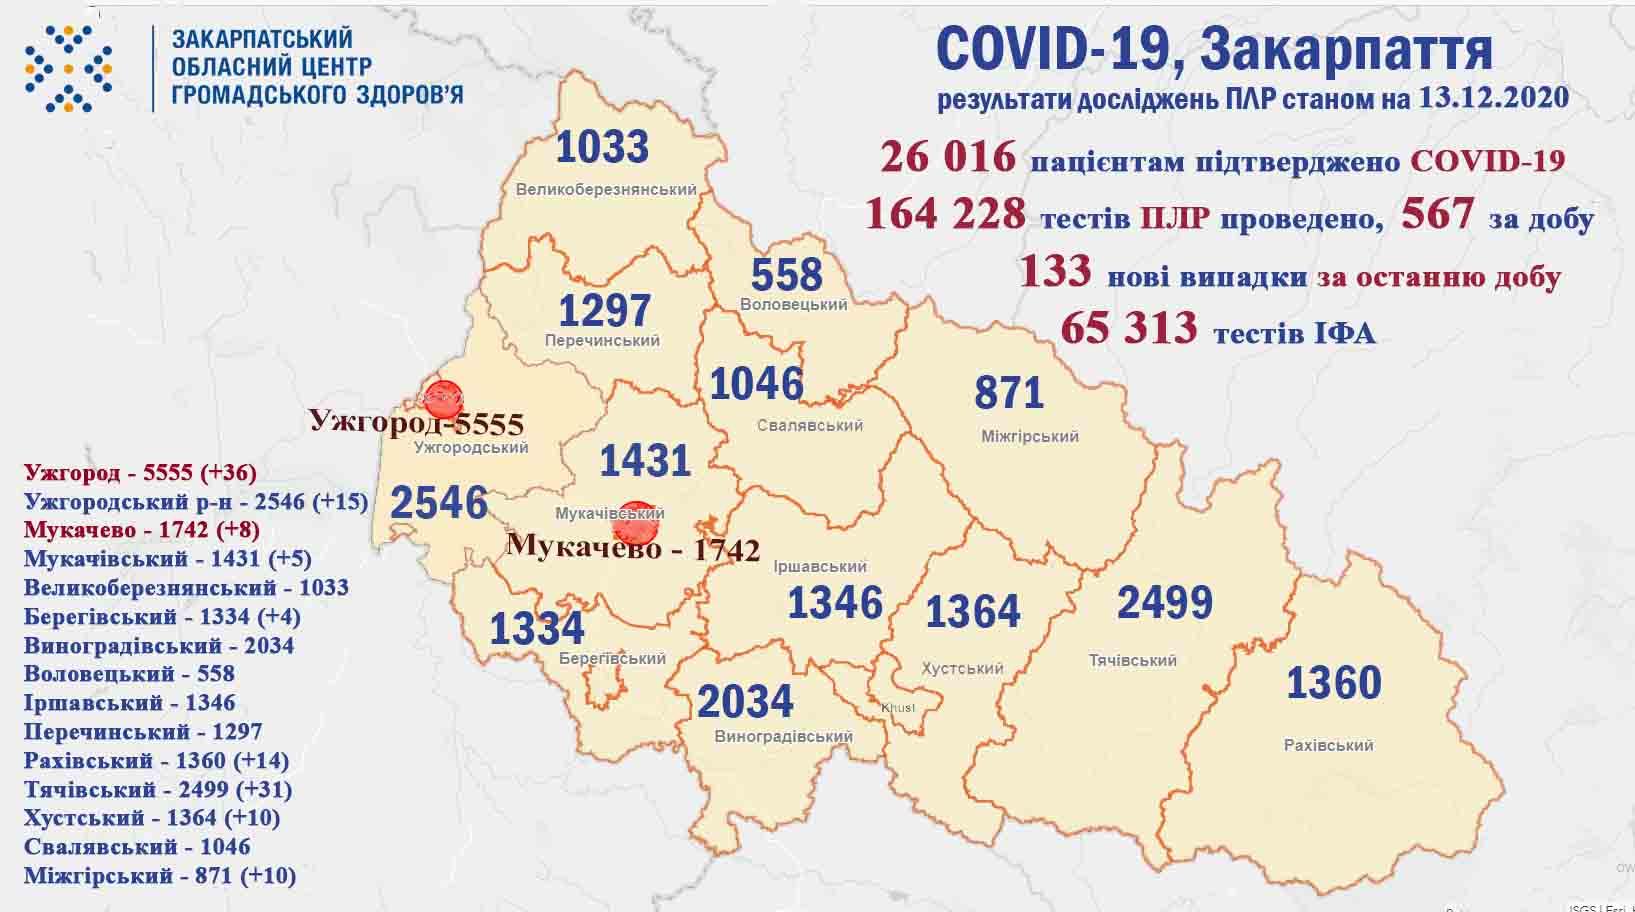 Протягом минулої доби на Закарпатті у 133 пацієнтів підтверджено коронавірус